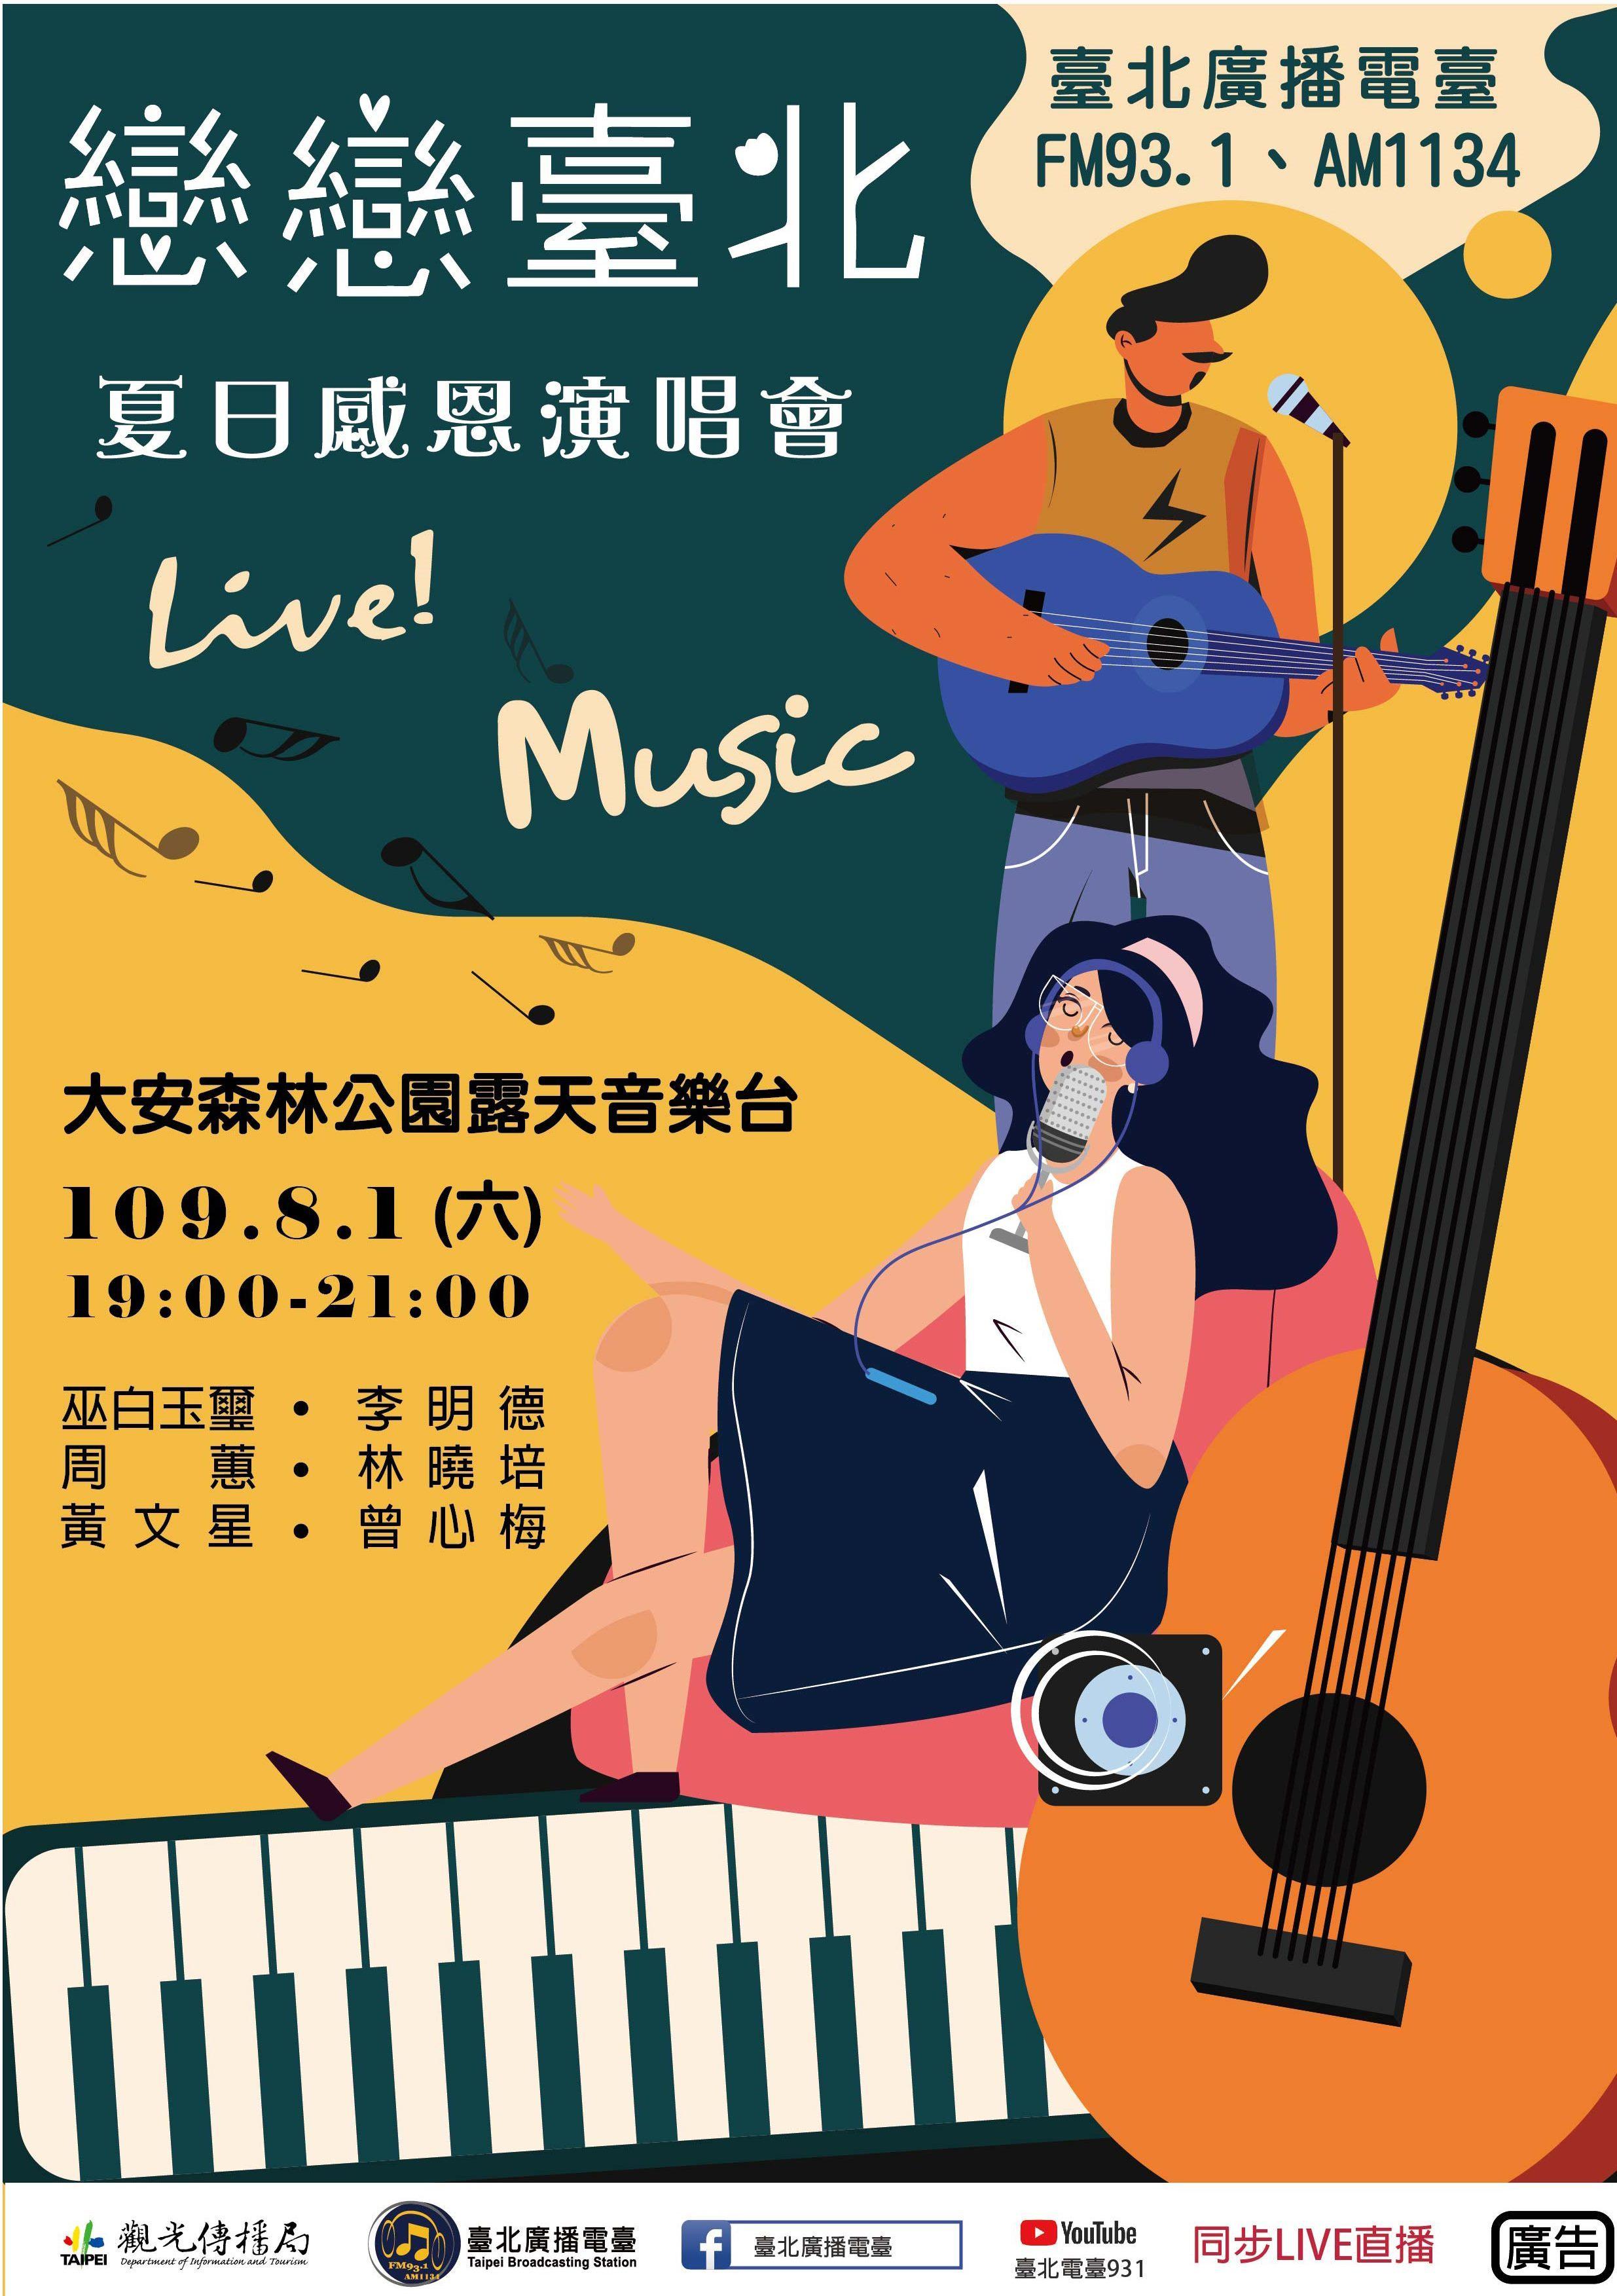 TBS Summer Concert poster